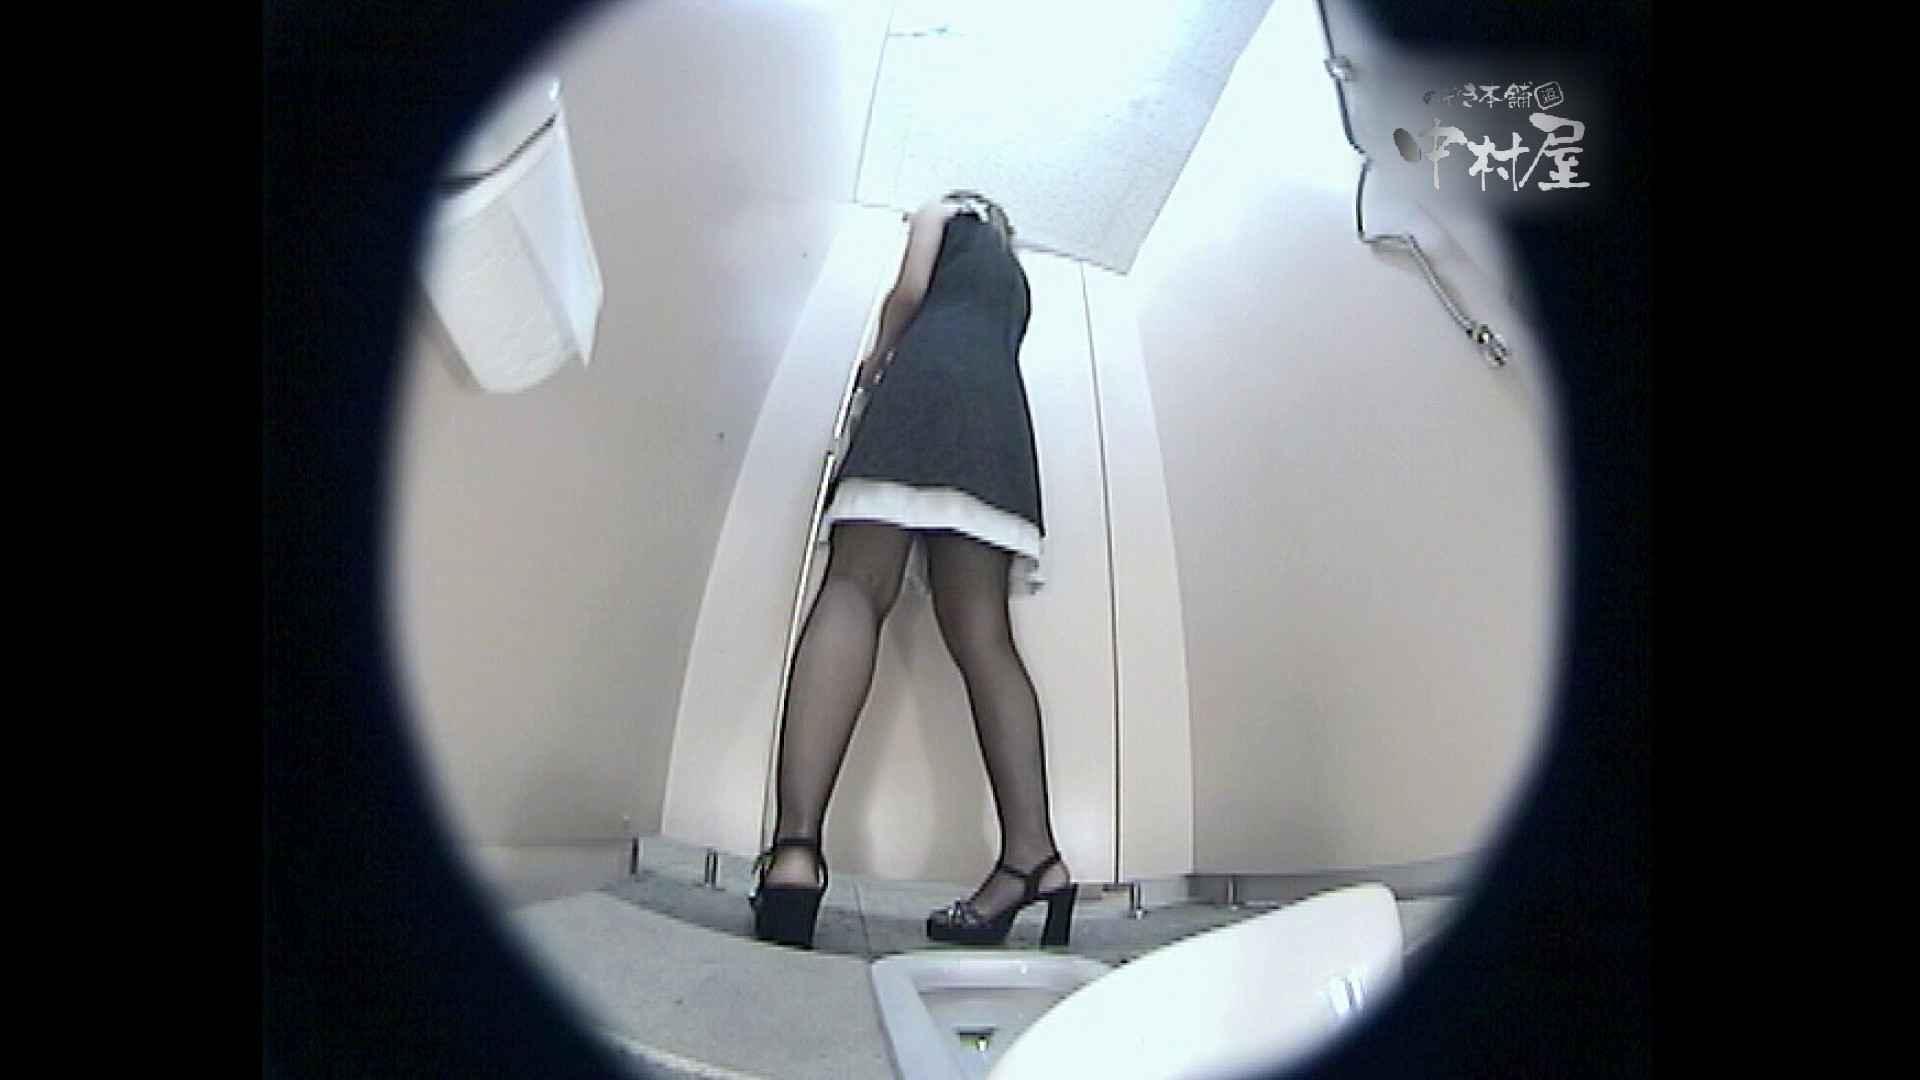 レースクィーントイレ盗撮!Vol.14 便器の中 エロ画像 107PIX 26